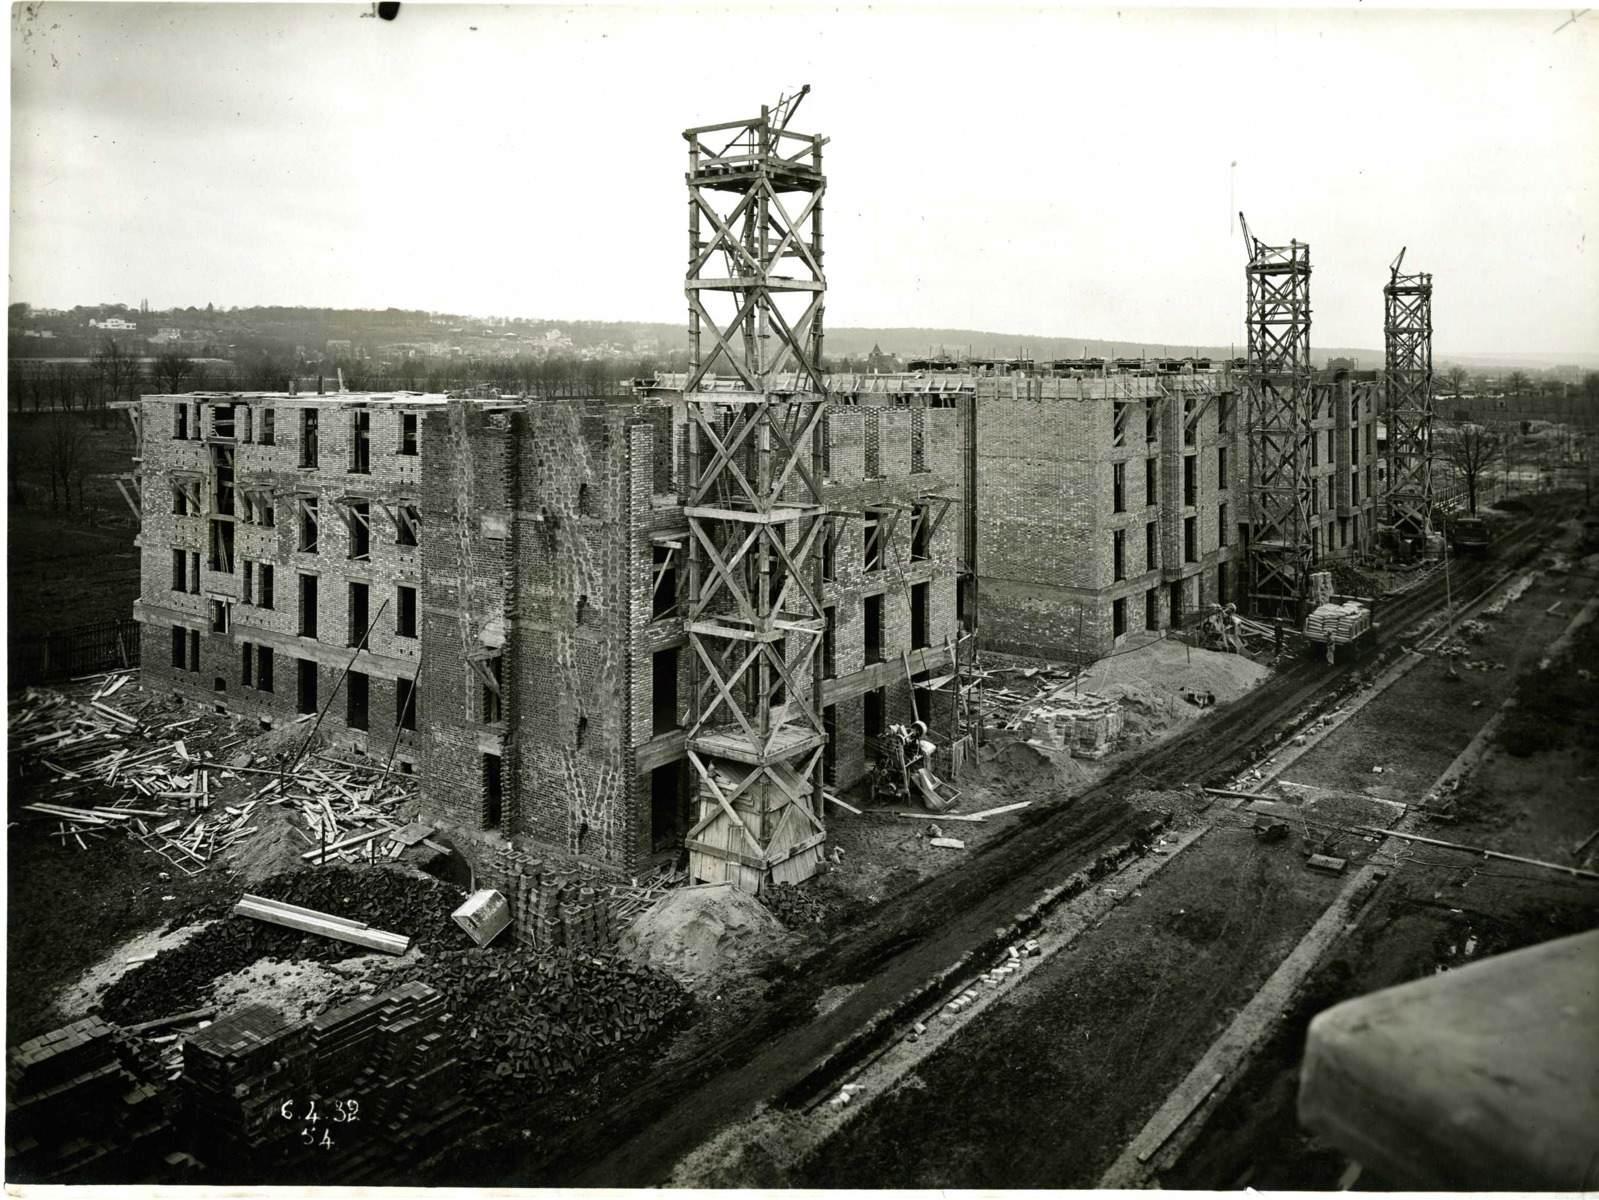 STUDIO CHEVOJON (photographe) : Vue de la cité-jardins en construction - Immeubles collectifs (Titre fictif)